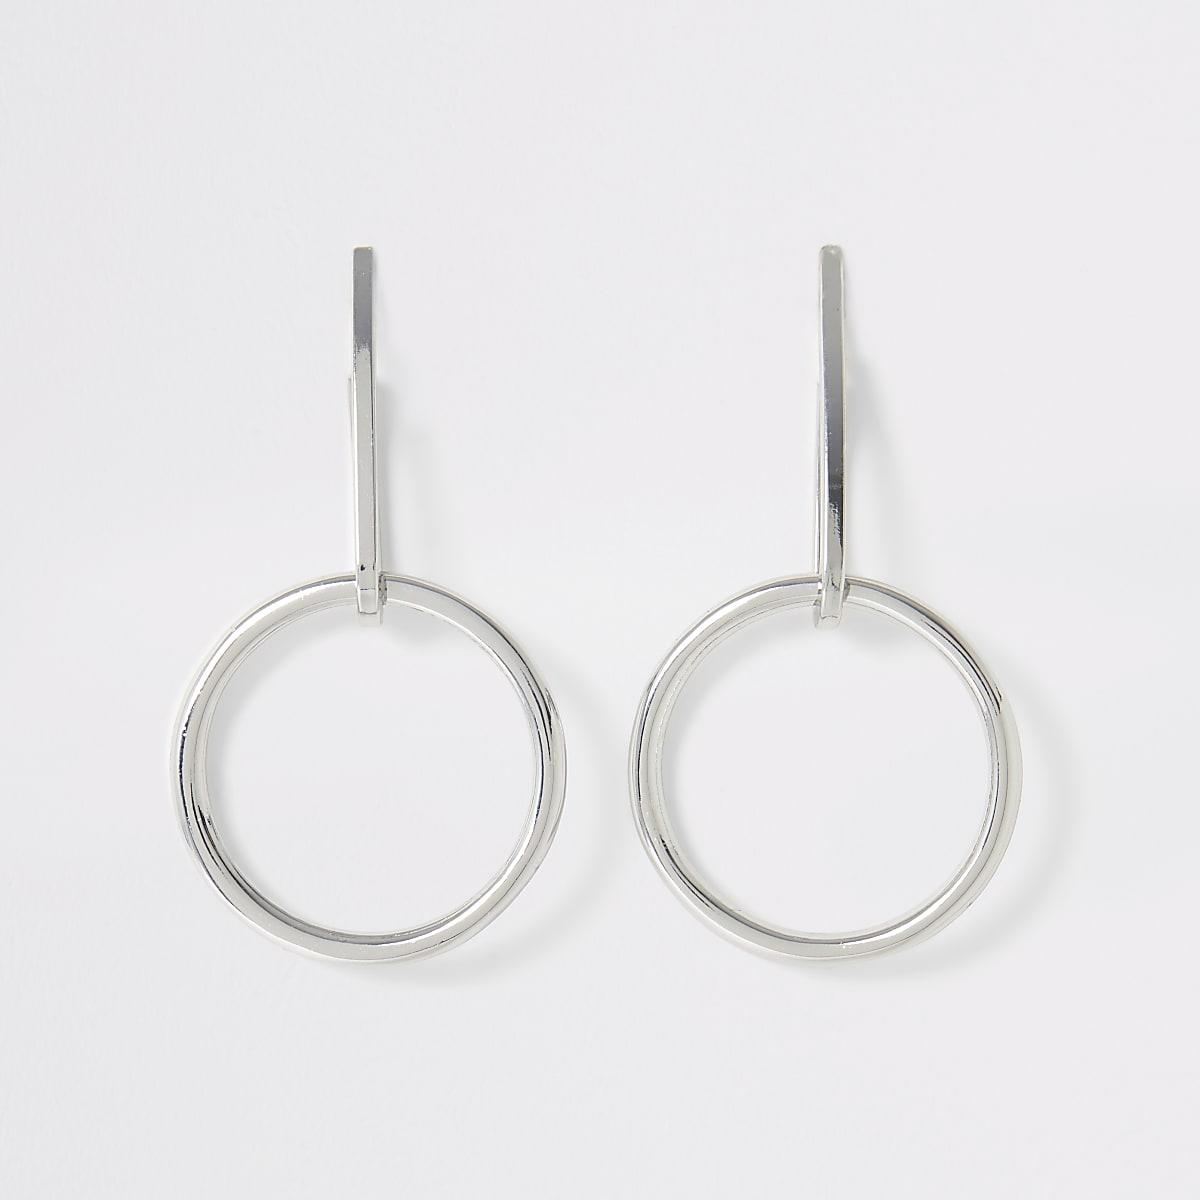 Silver color drop hoop earrings